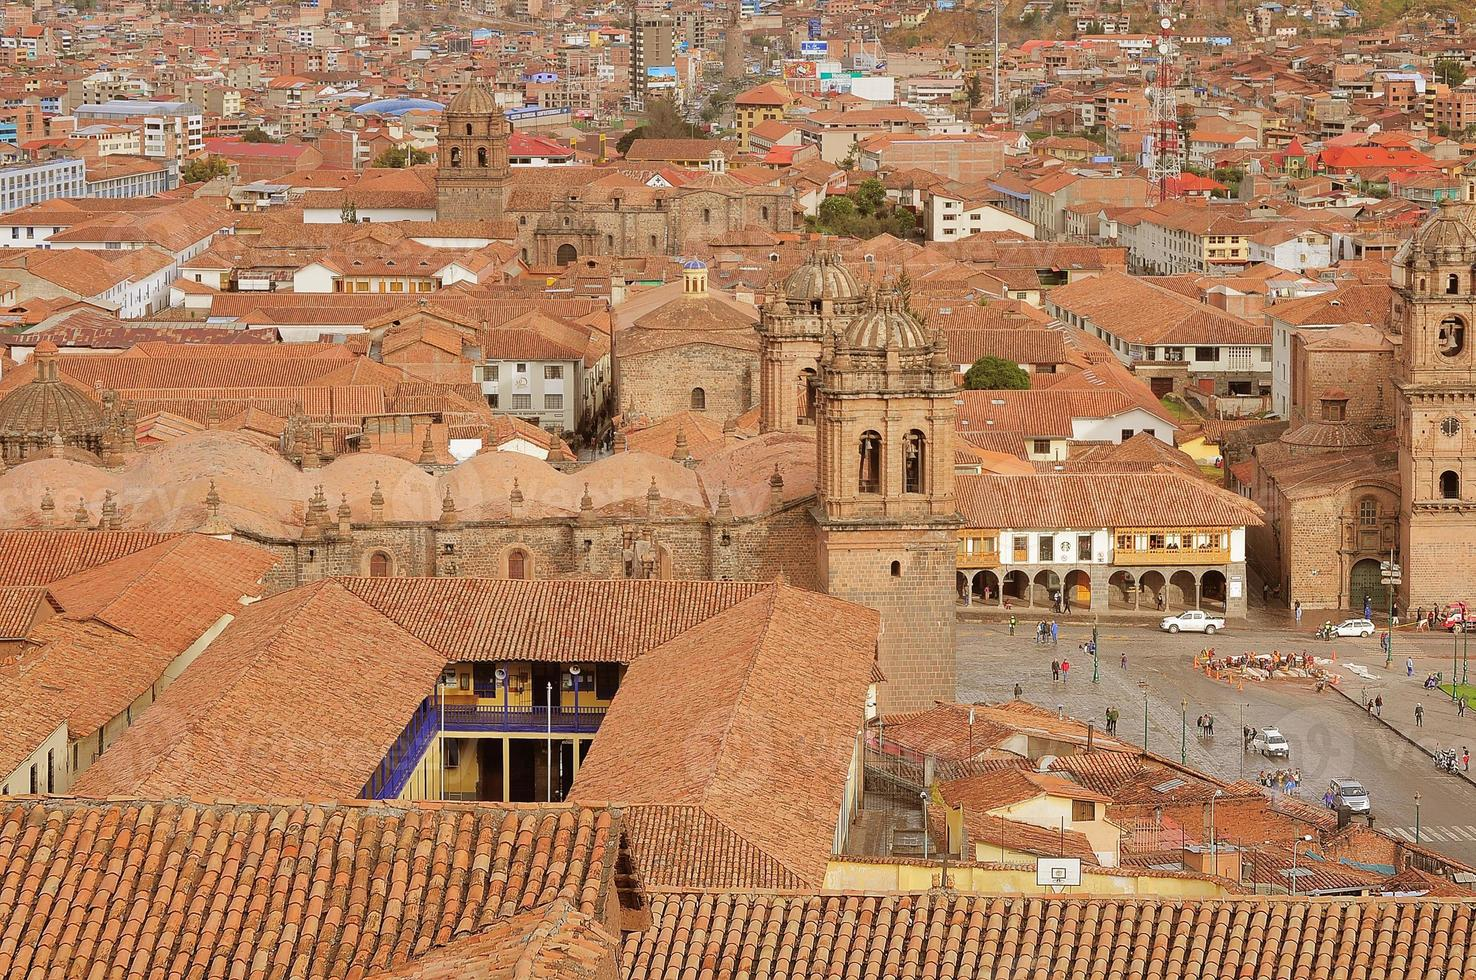 il centro storico di Cuzco. foto